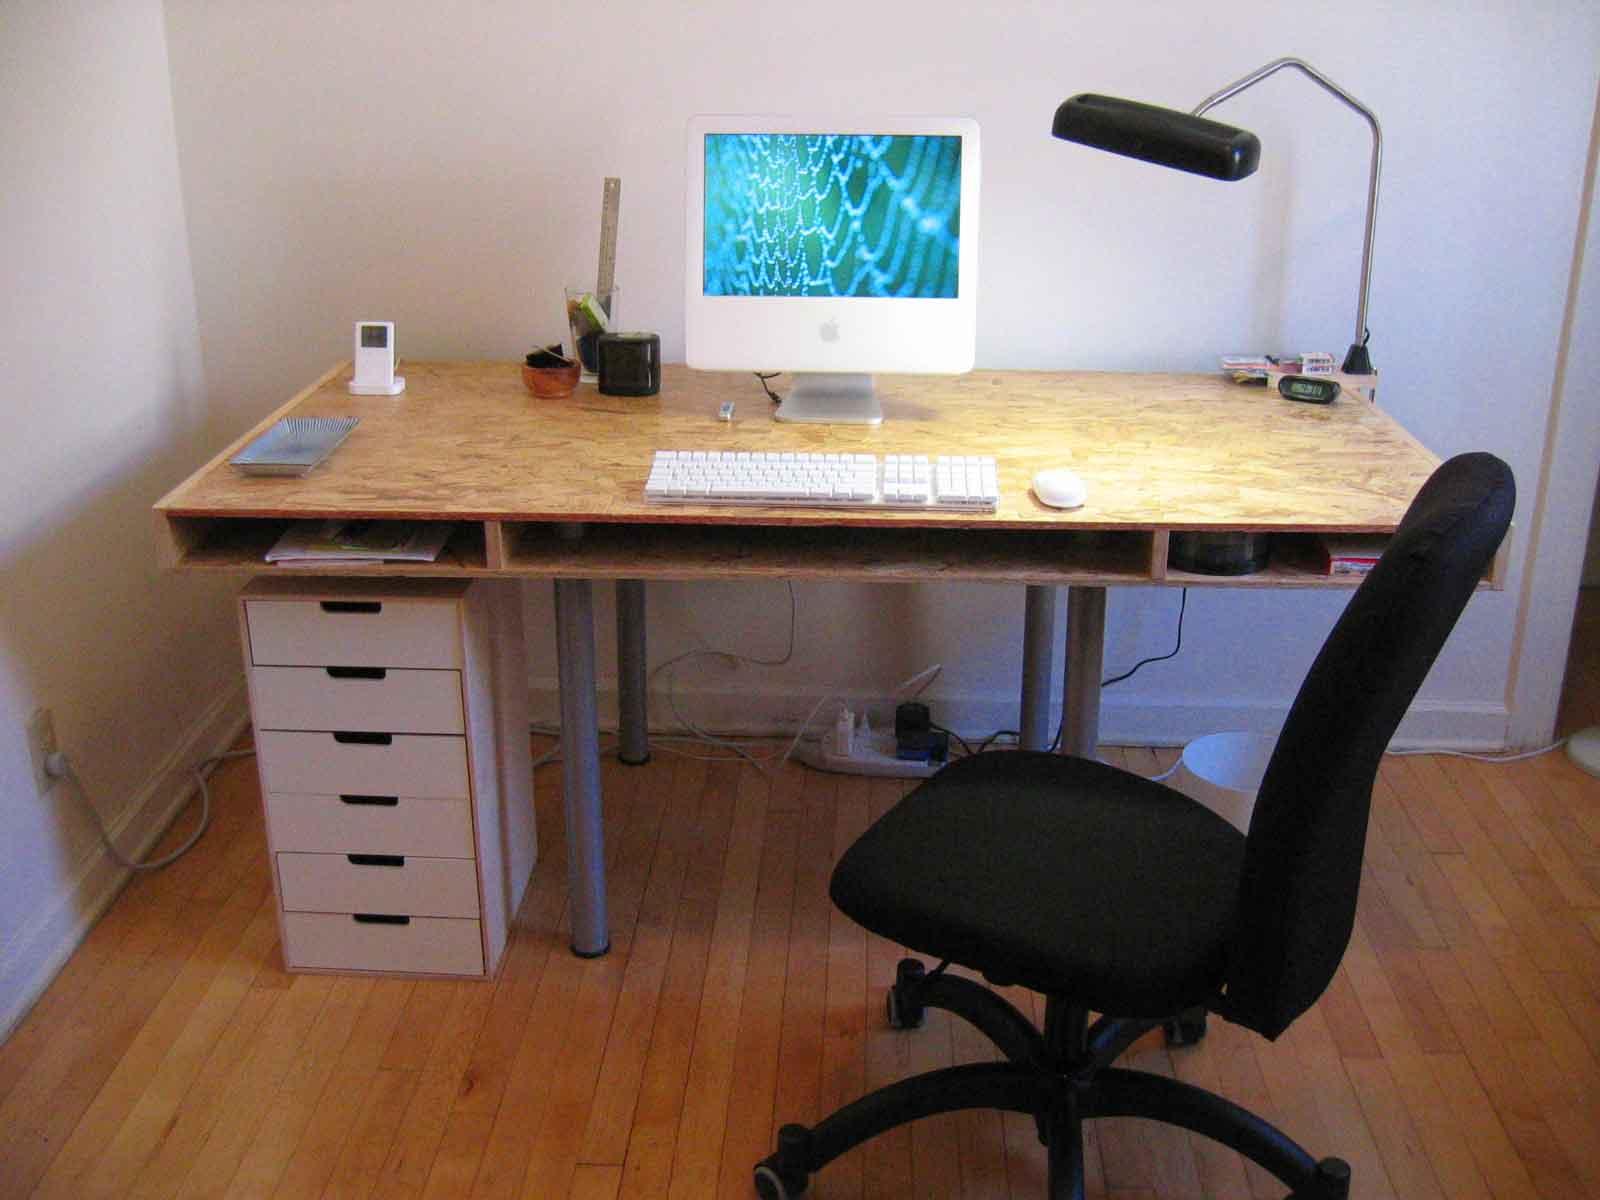 כסא מחשב: מדוע הוא חשוב לכל בית?